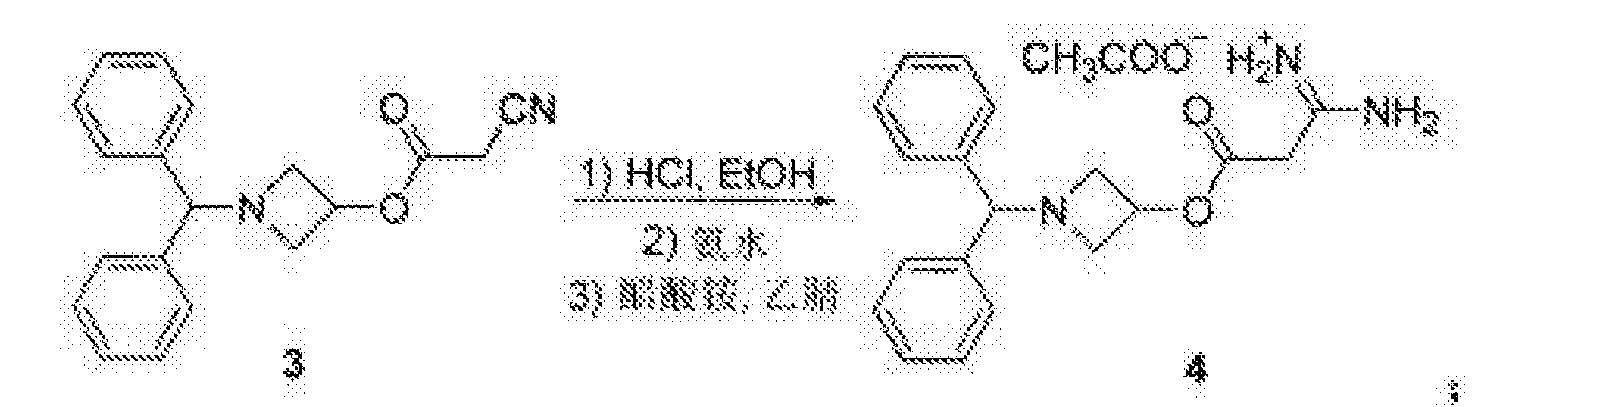 Figure CN103183663BC00021